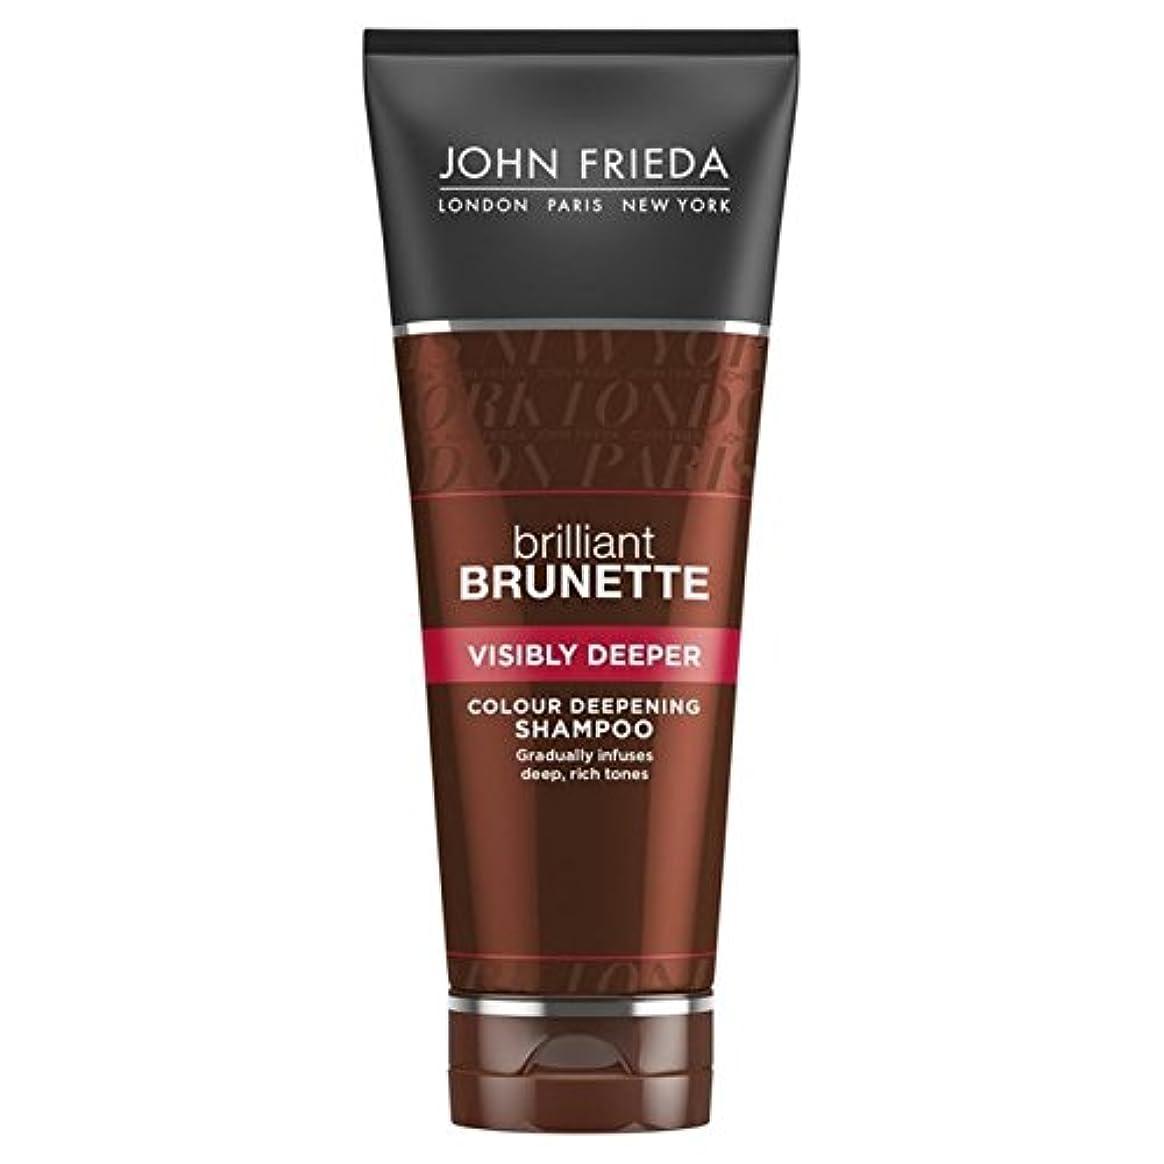 おいしいカリキュラム脚本John Frieda Brilliant Brunette Visibly Deeper Shampoo 250ml - ジョン?フリーダ華麗なブルネット目に見えてより深いシャンプー250 [並行輸入品]